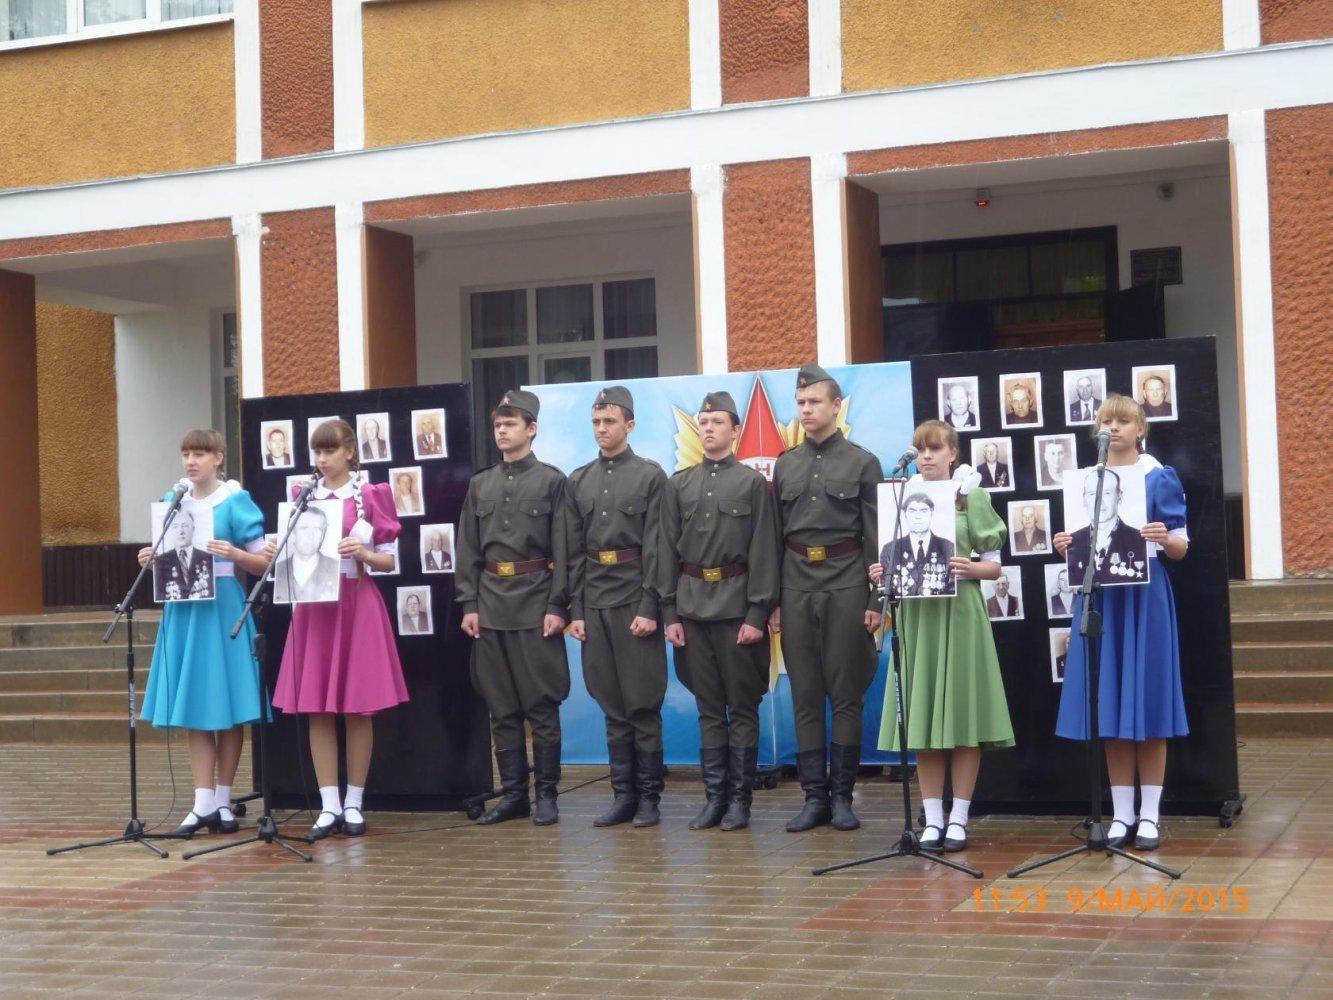 Фото 70 лет Победы .. Россия, Белгородская область, Р187